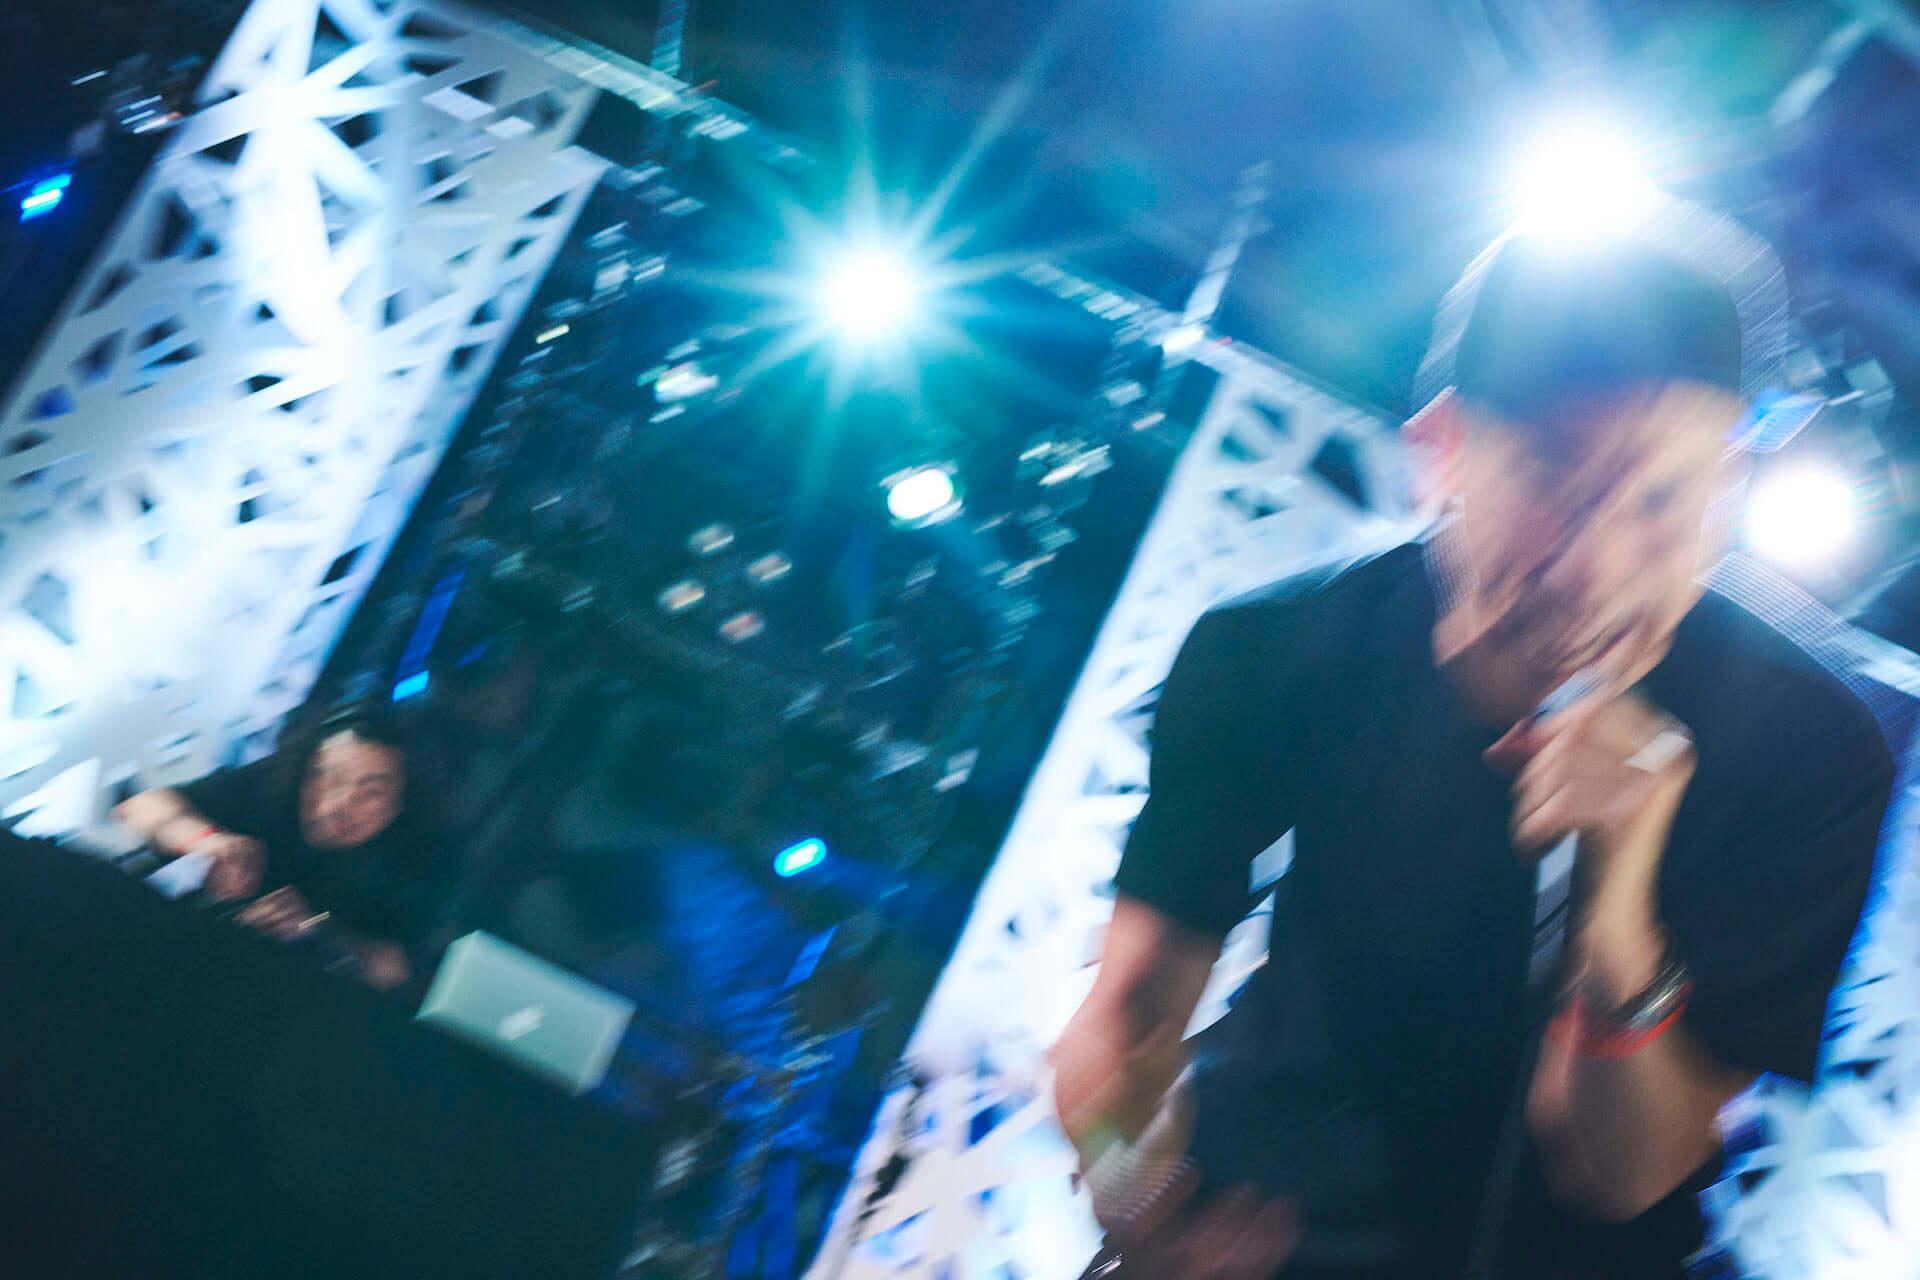 THA BLUE HERB、最新シングル「ING/それから」を10月2日にリリース!最新セルフタイトルアルバムを引っさげてのツアー敢行中 music190912_thablueherb_main-1920x1280